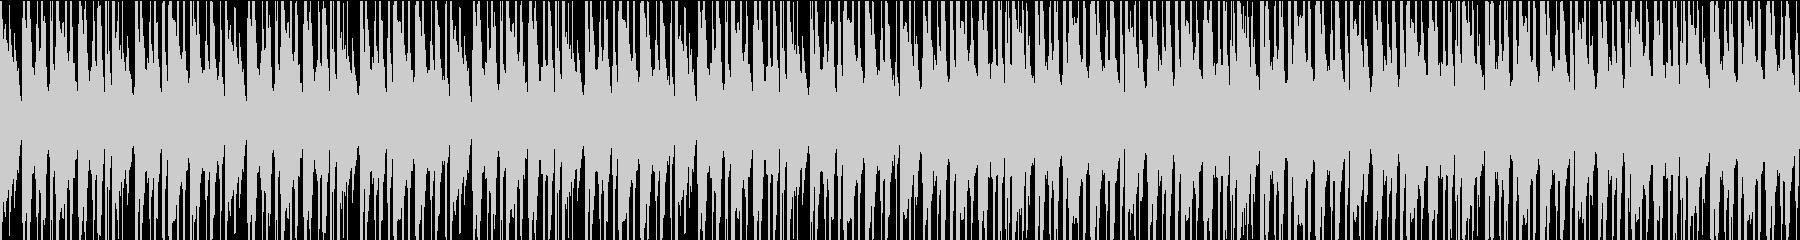 エキゾチックで勢いのある民族音楽風BGMの未再生の波形